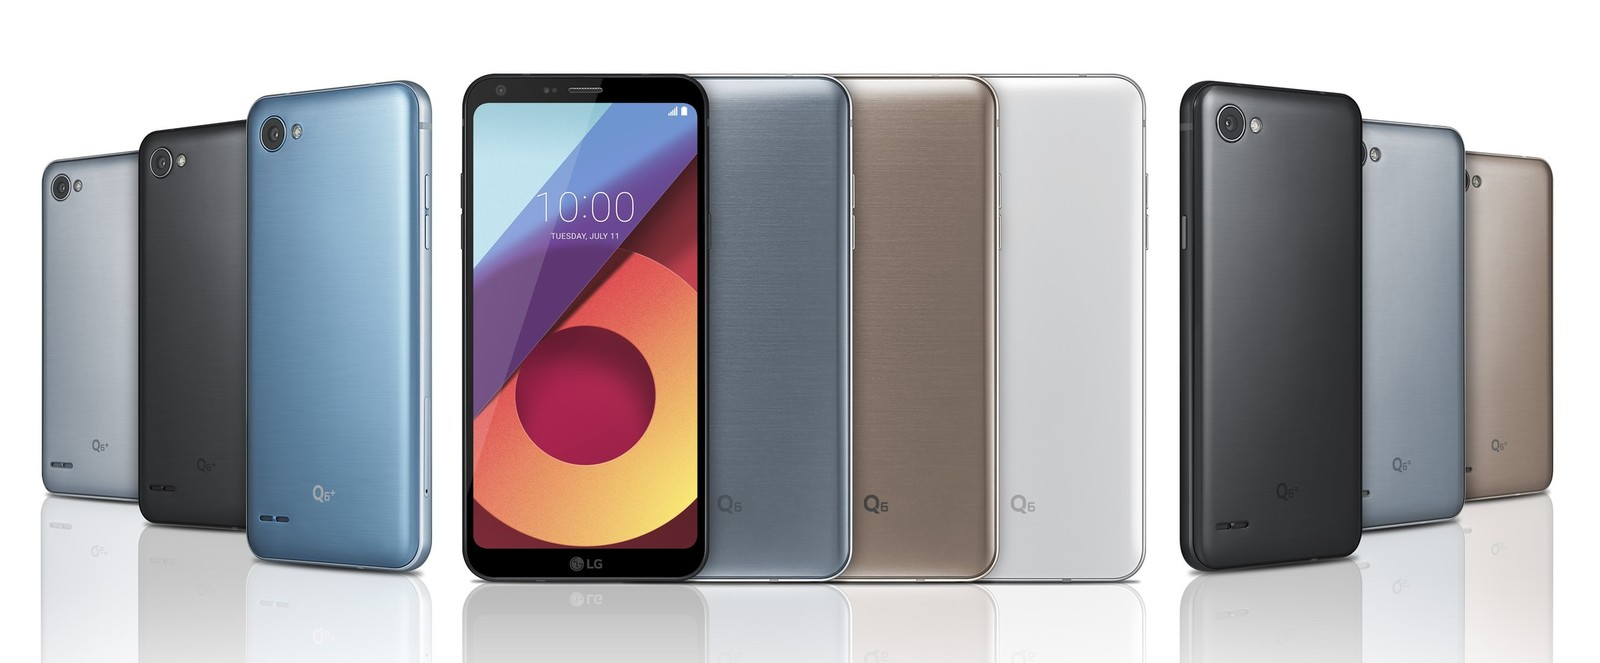 مواصفات الجوالات LG Q6 VS +LG Q6 VS LG Q6α